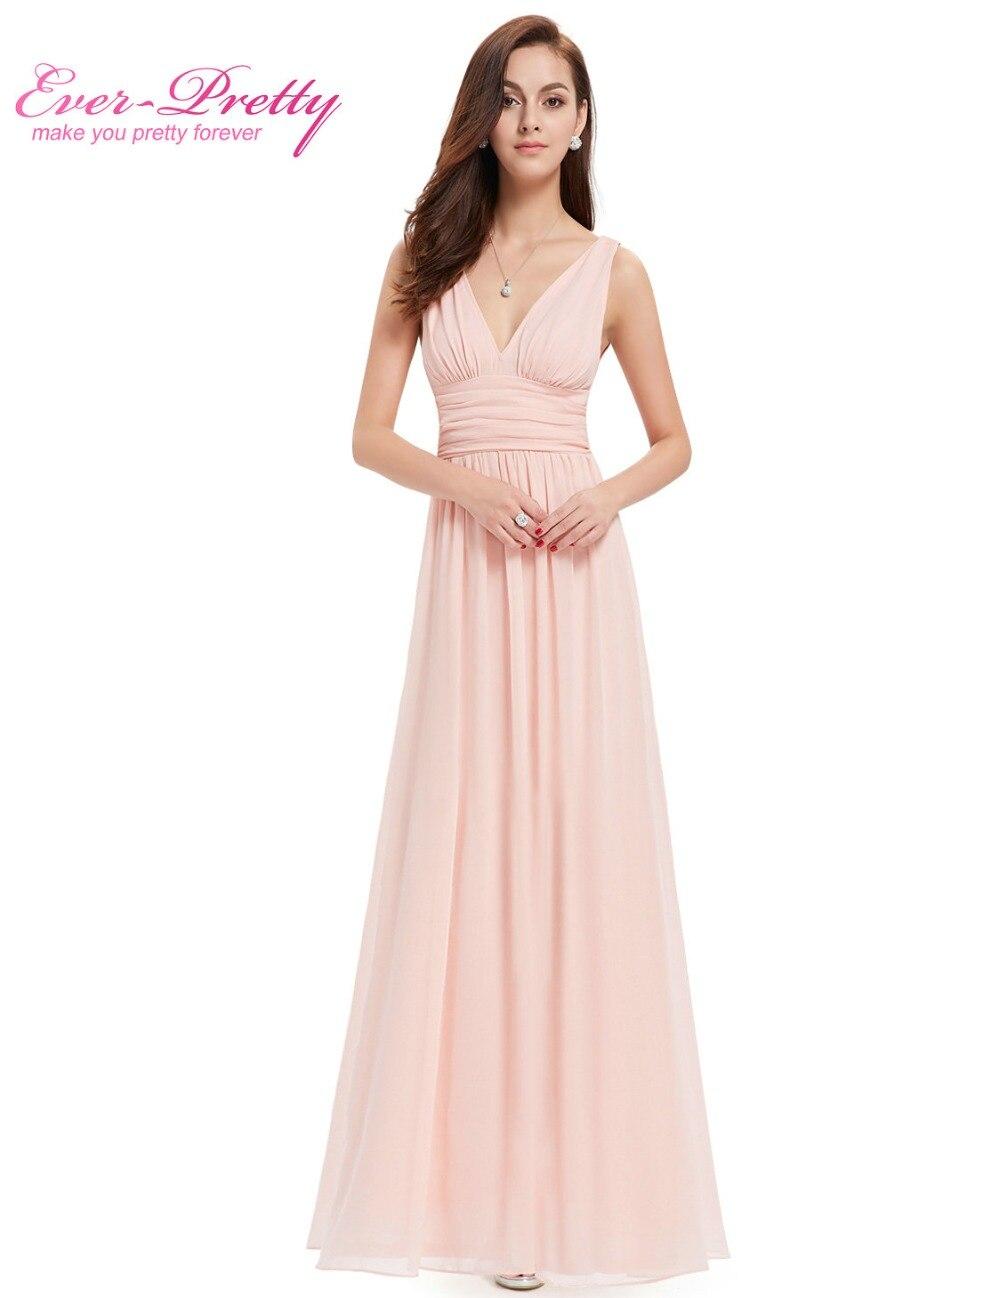 Hermosa Vestidos De Flecos Prom Foto - Colección de Vestidos de Boda ...